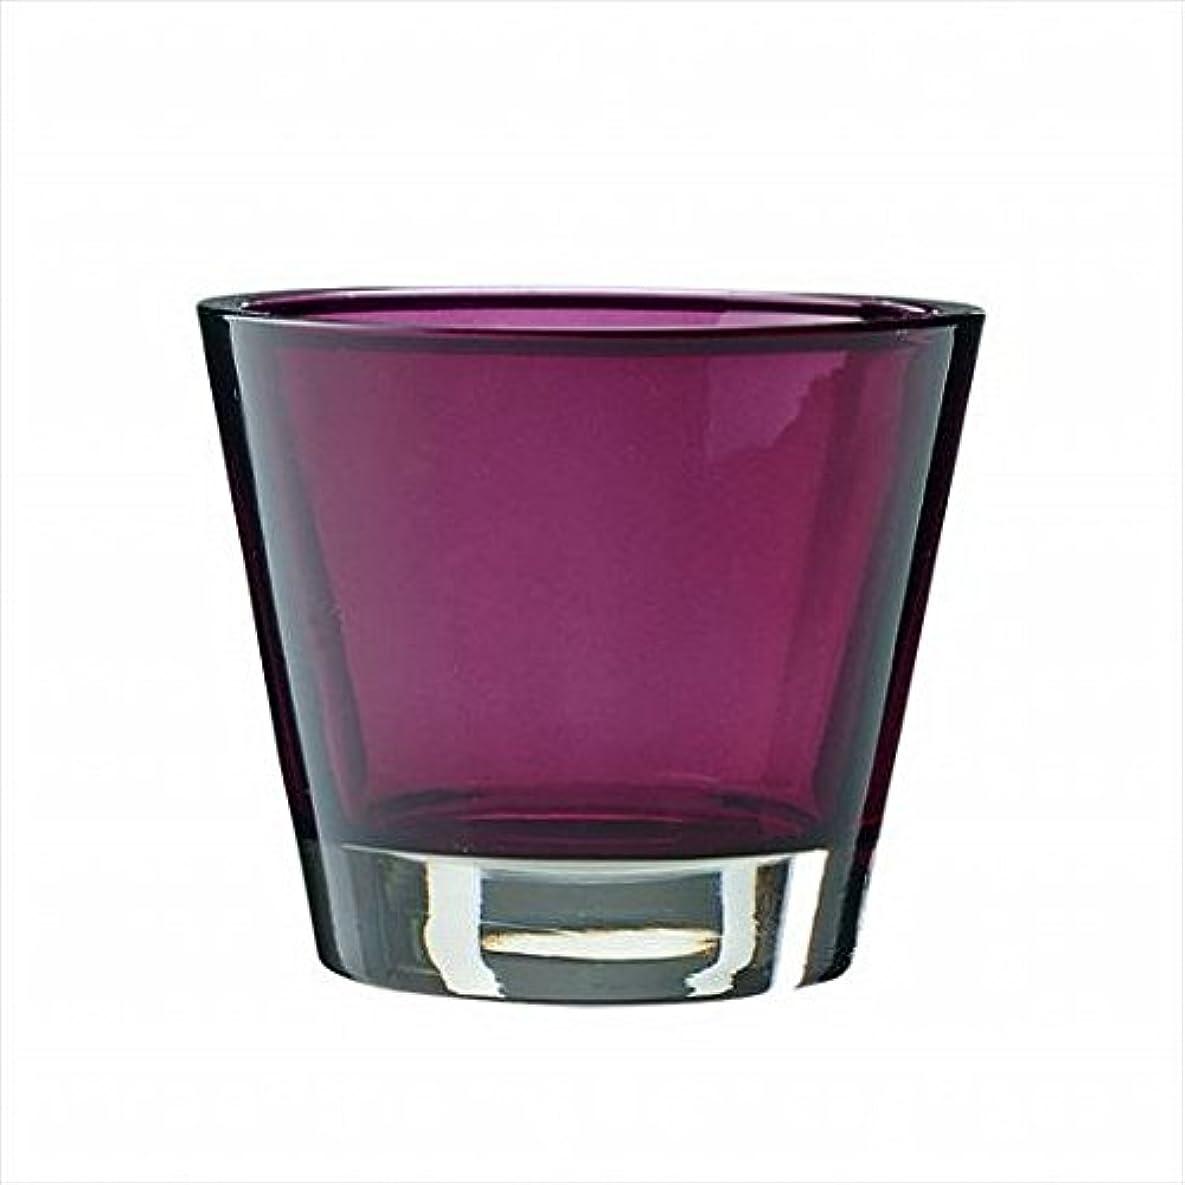 ブラウスほぼ地球kameyama candle(カメヤマキャンドル) カラリス 「 プラム 」 キャンドル 82x82x70mm (J2540000PL)